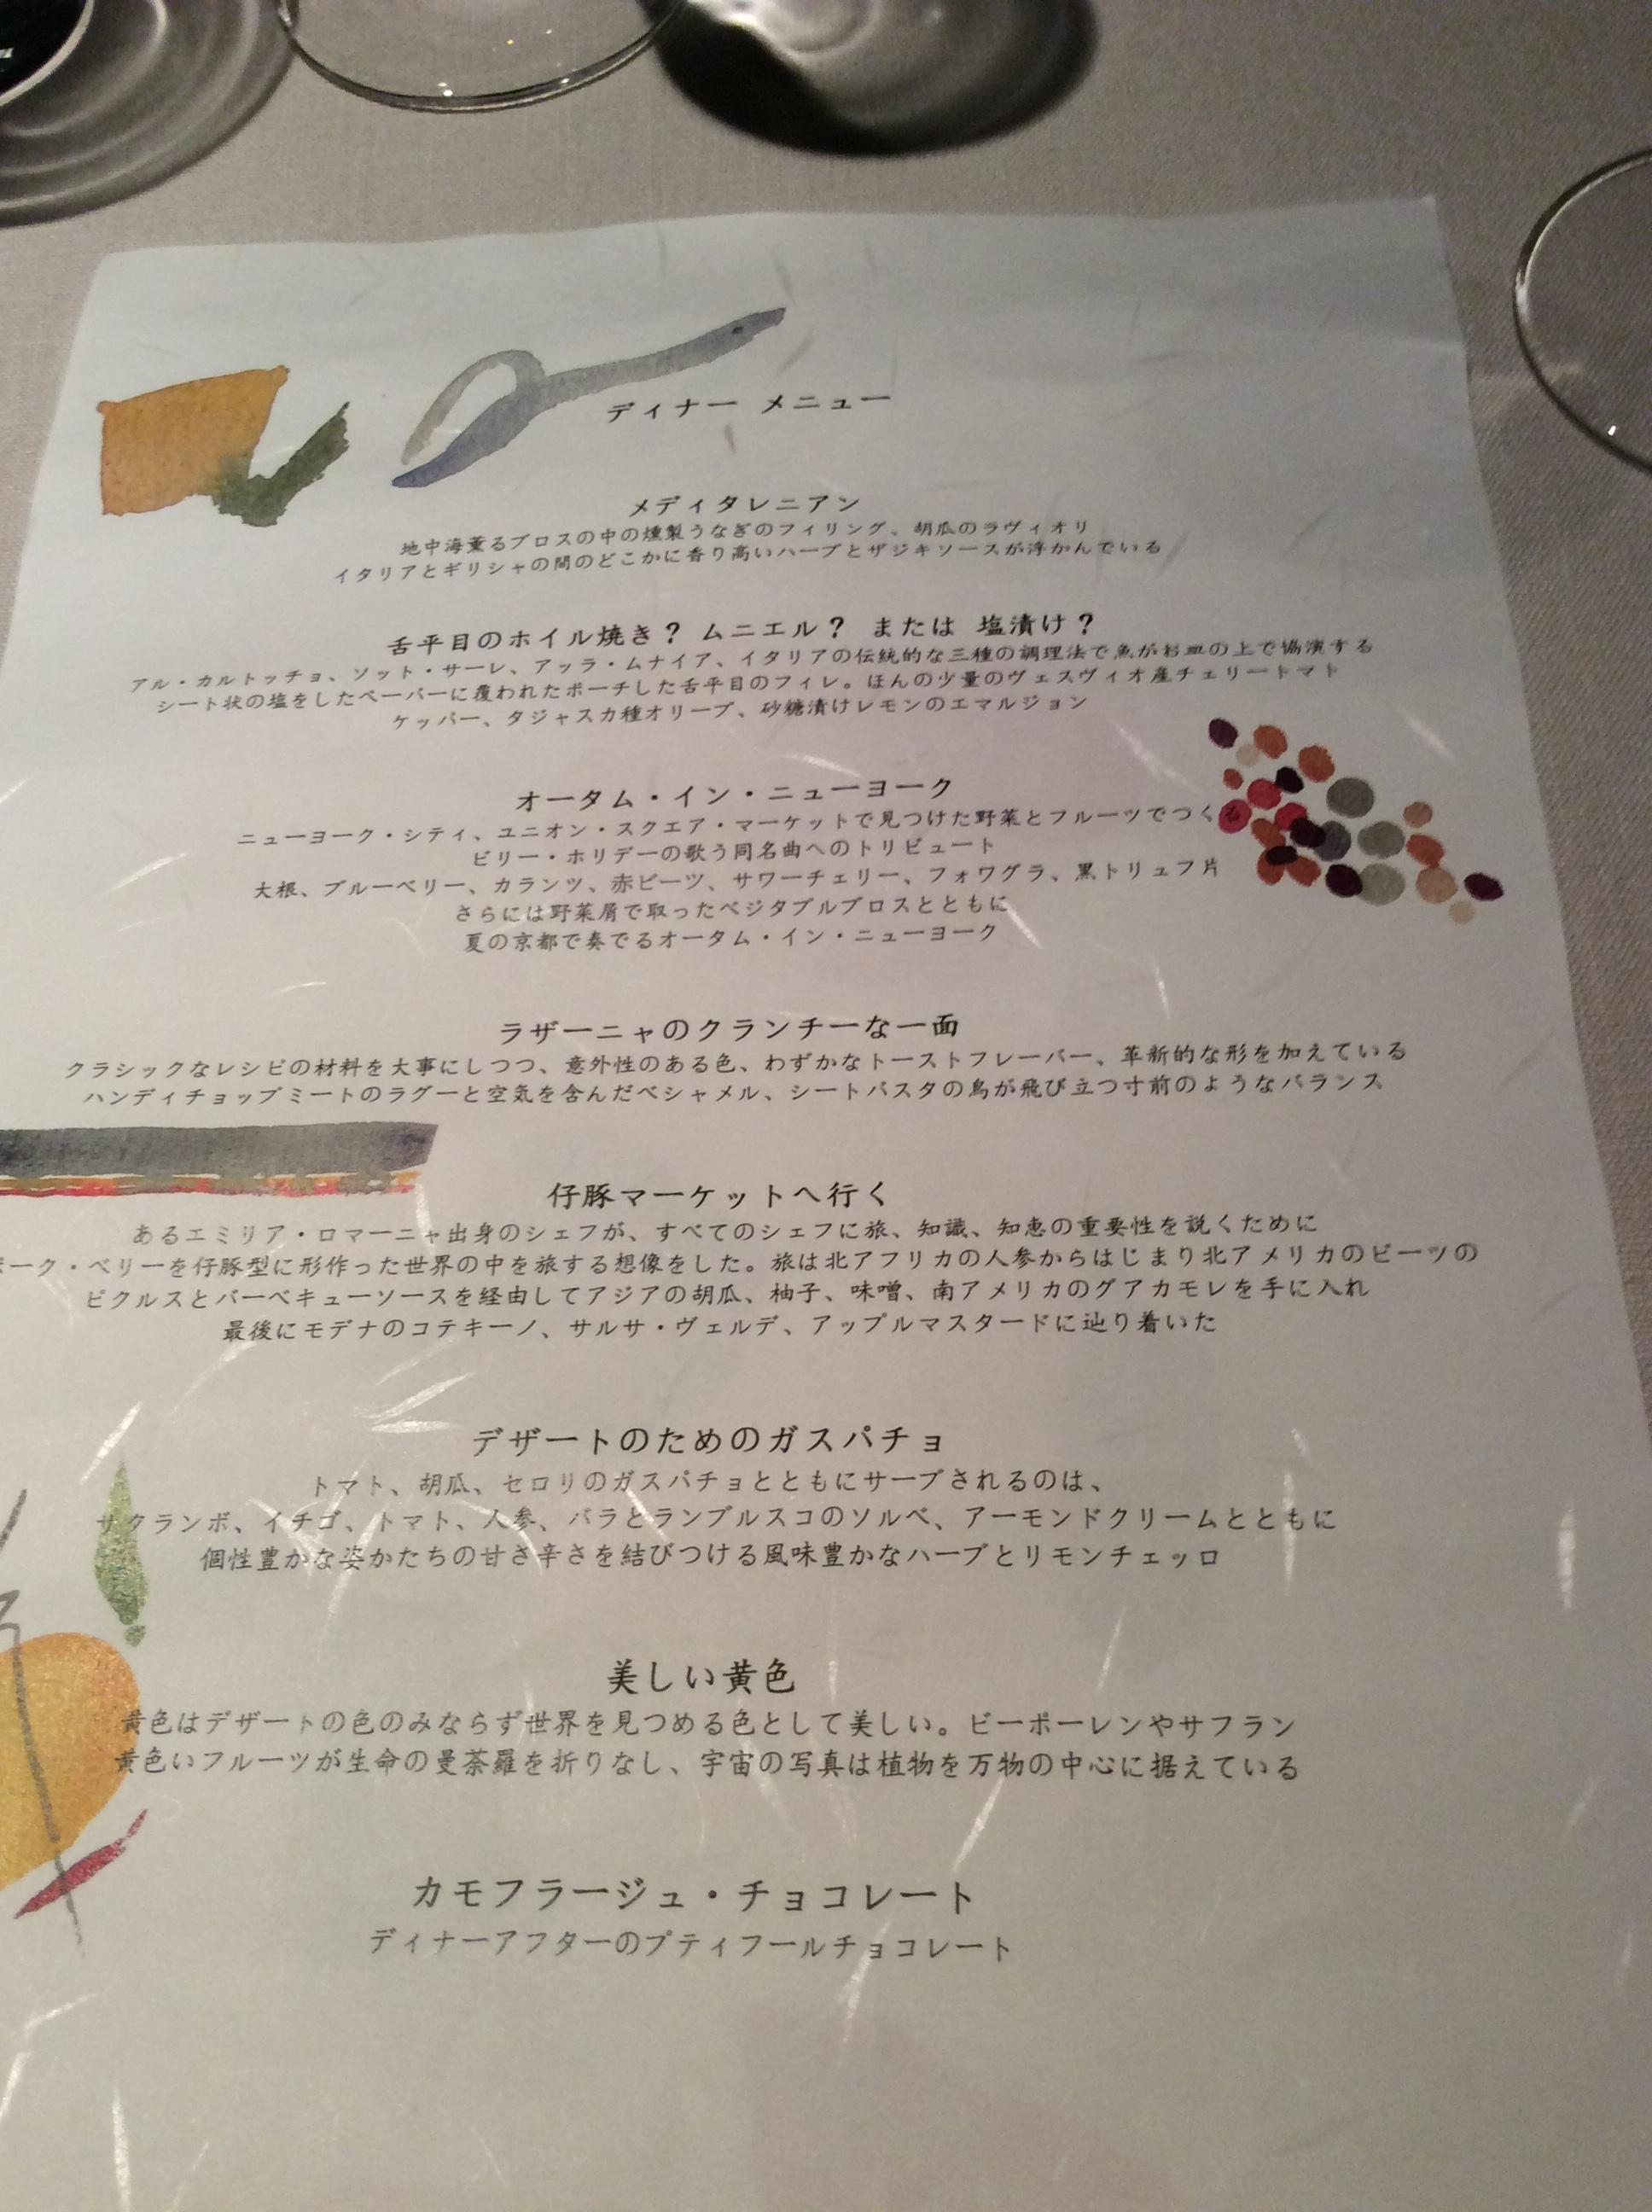 http://gourmet-italian.com/519.JPG